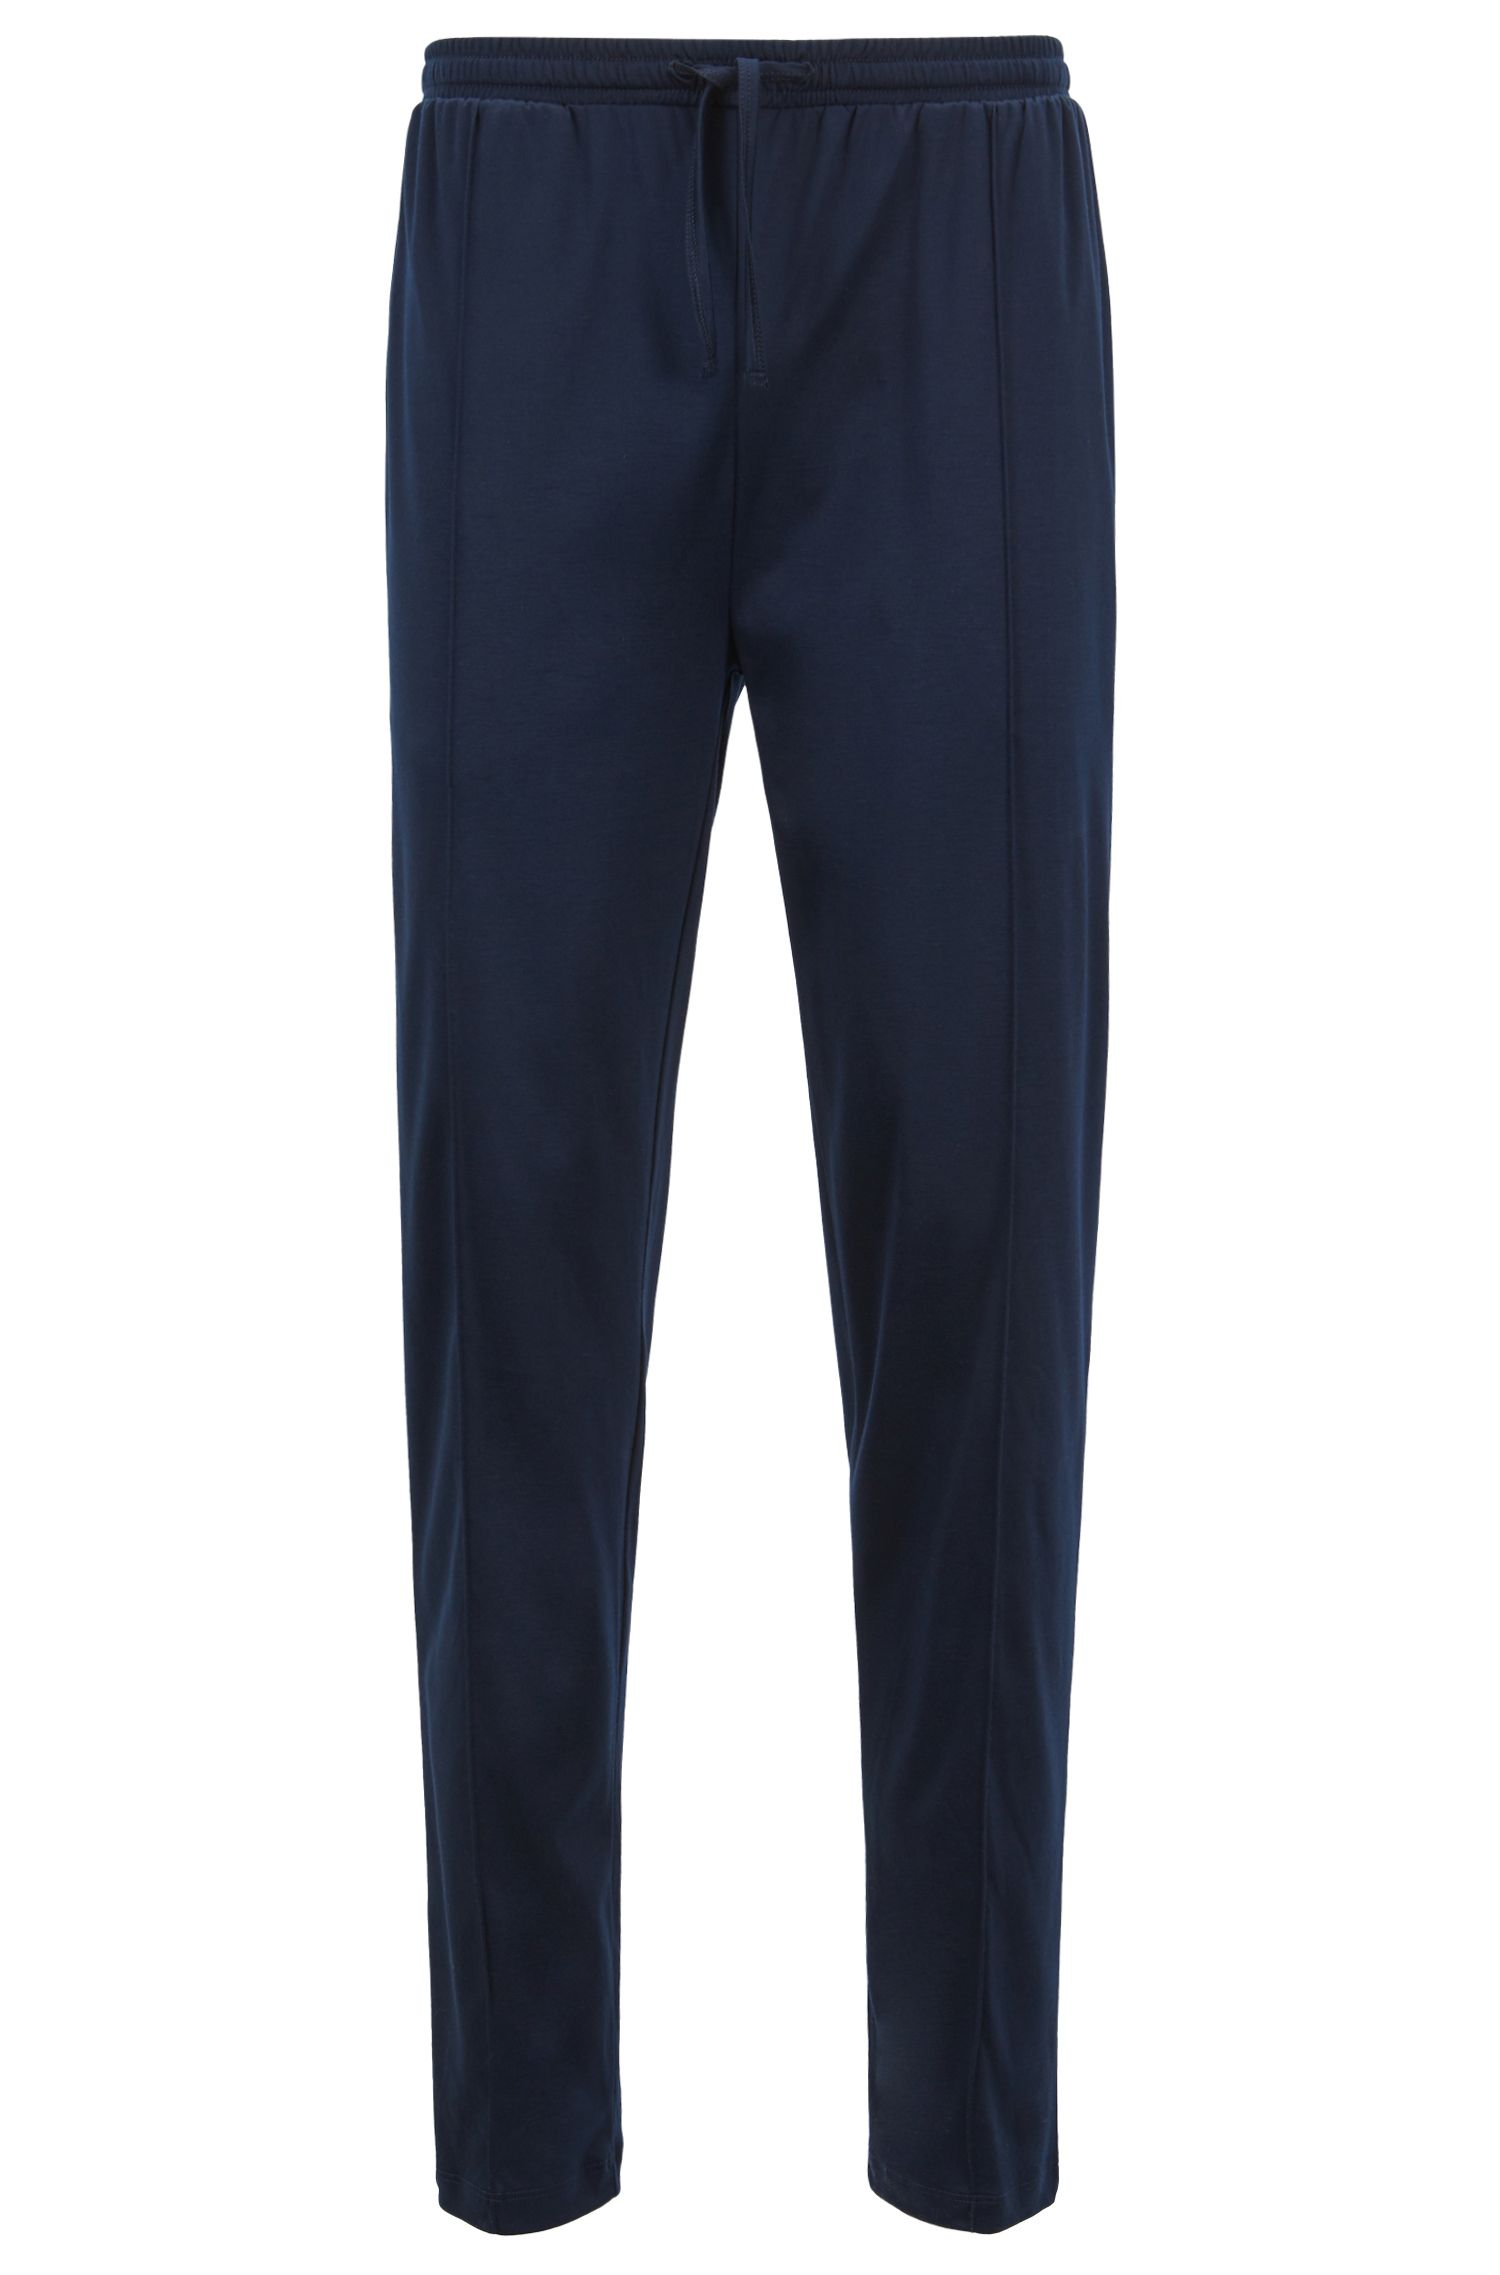 Pantalones de pijama en mezcla de modal y algodón interlock, Azul oscuro